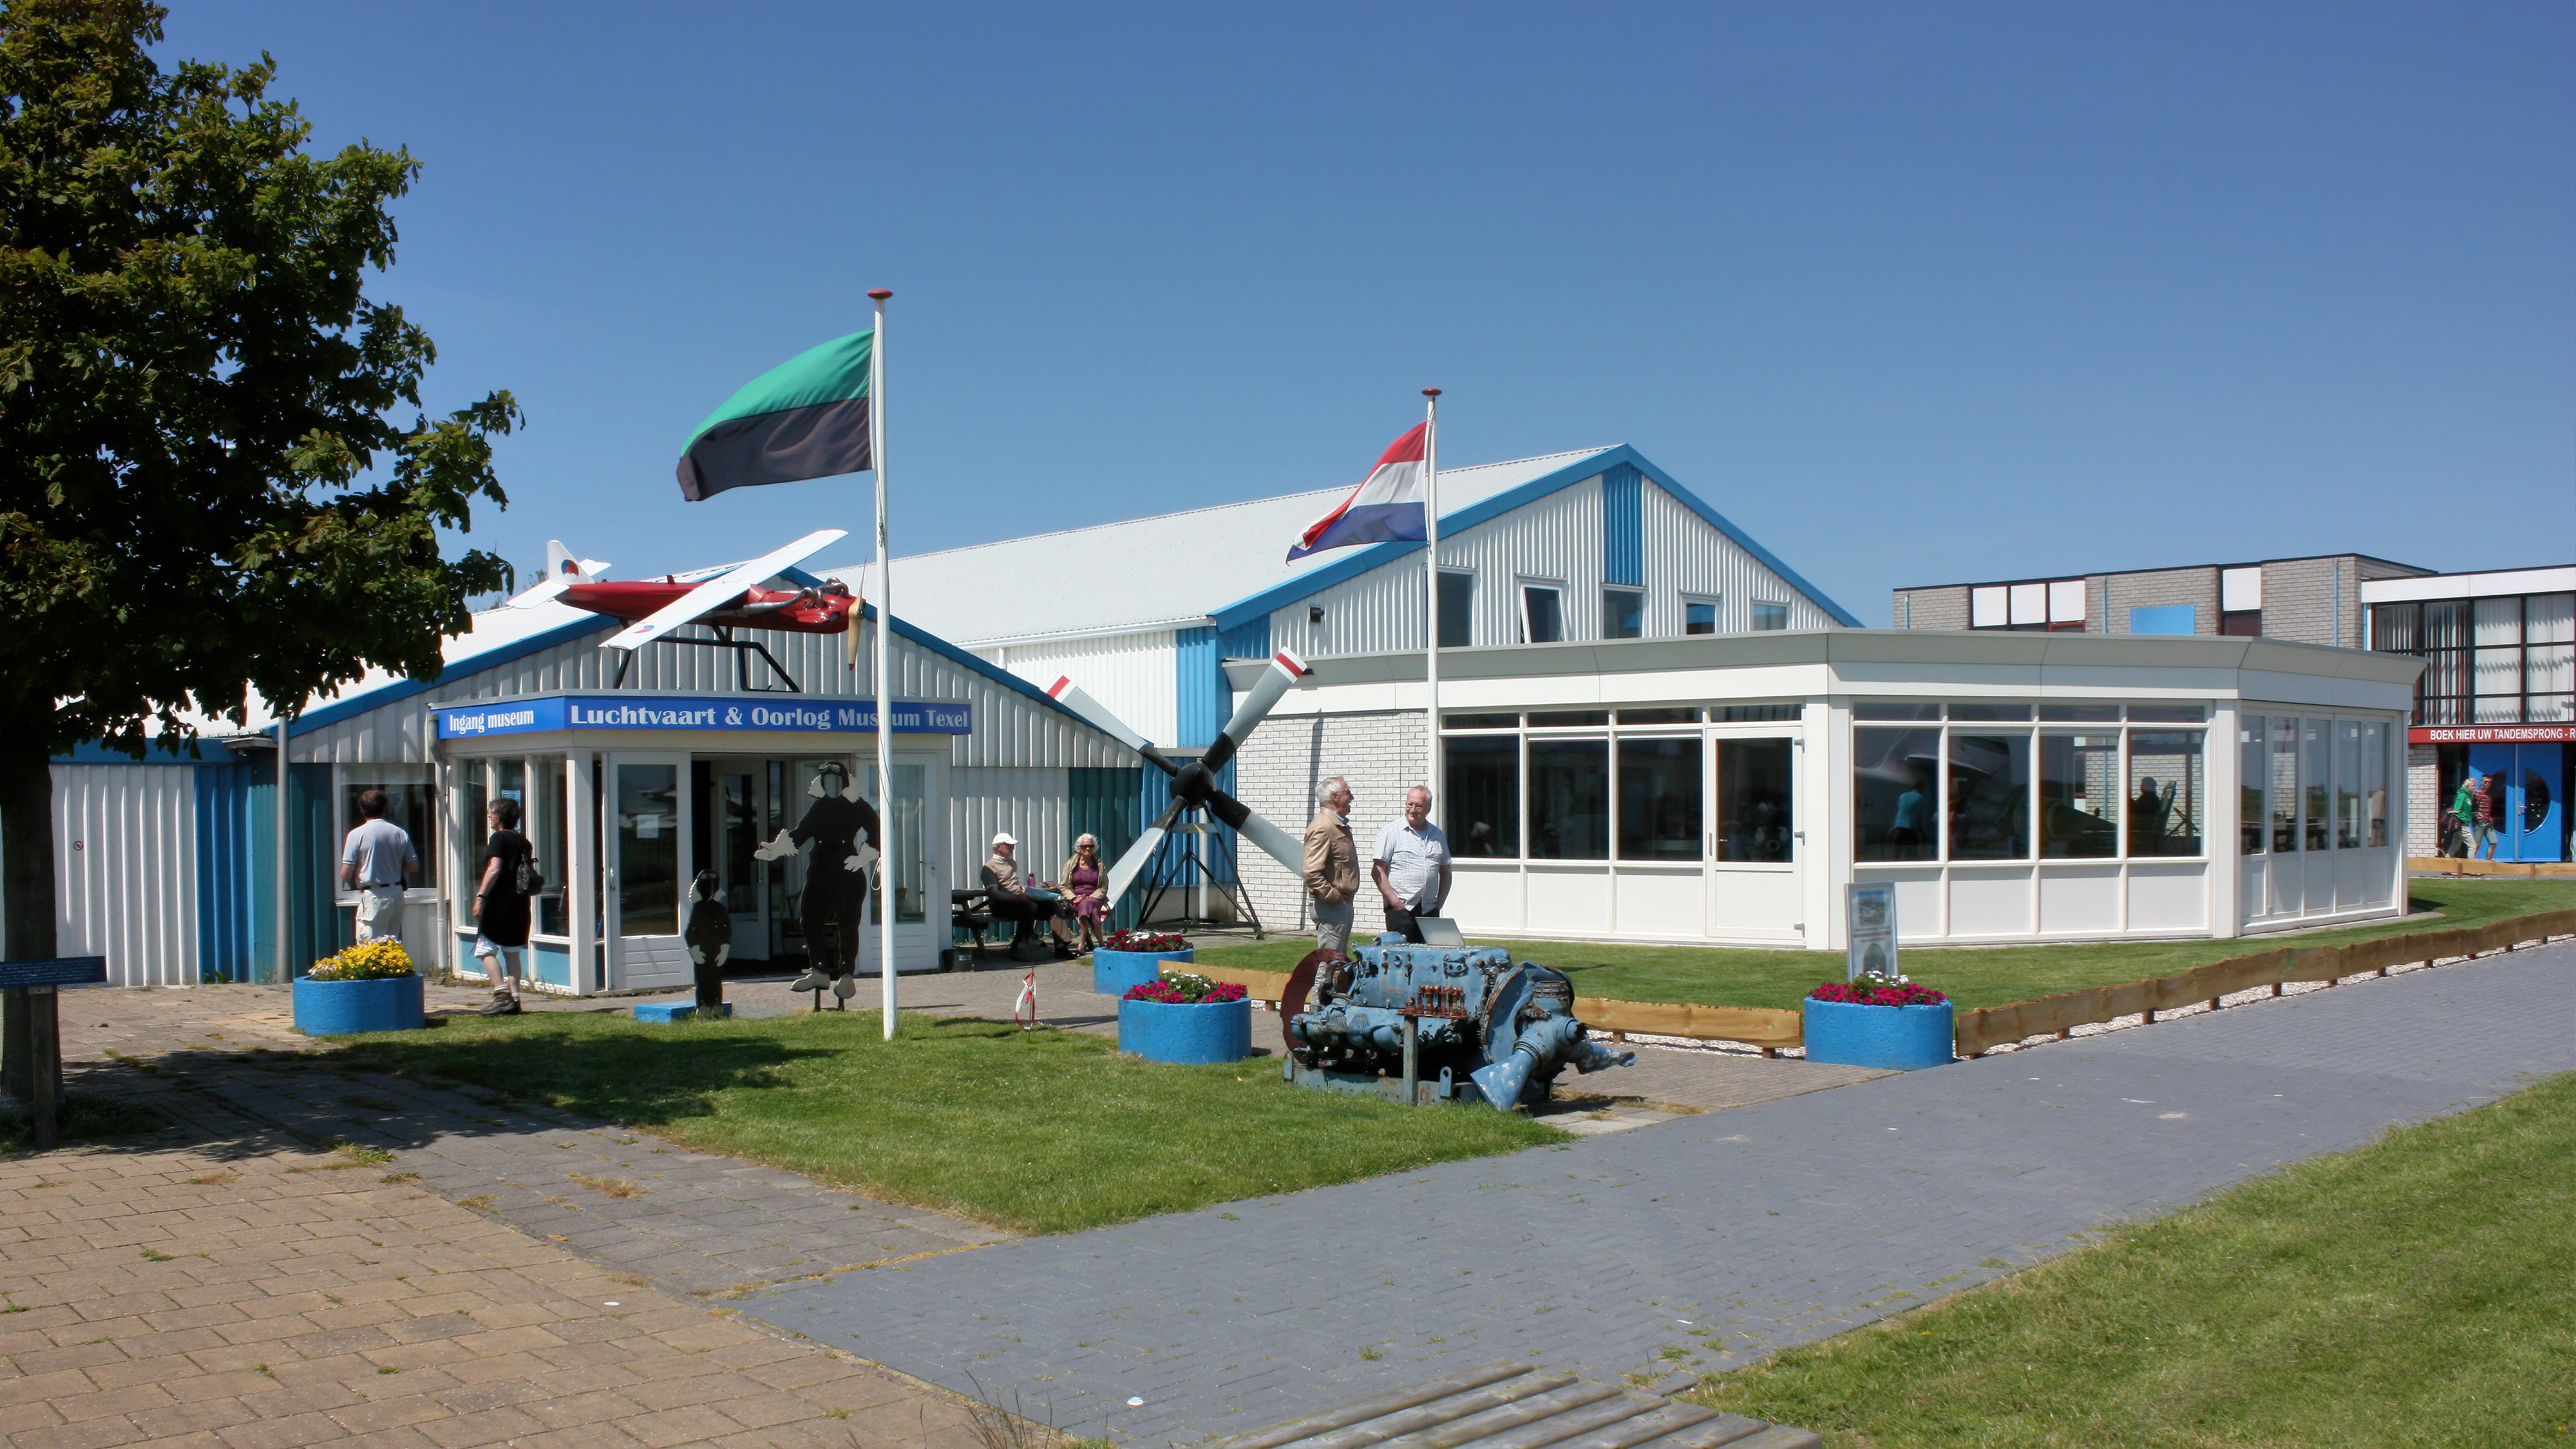 Entree Luchtvaart en Oorlogsmuseum op Texel VVV Texel